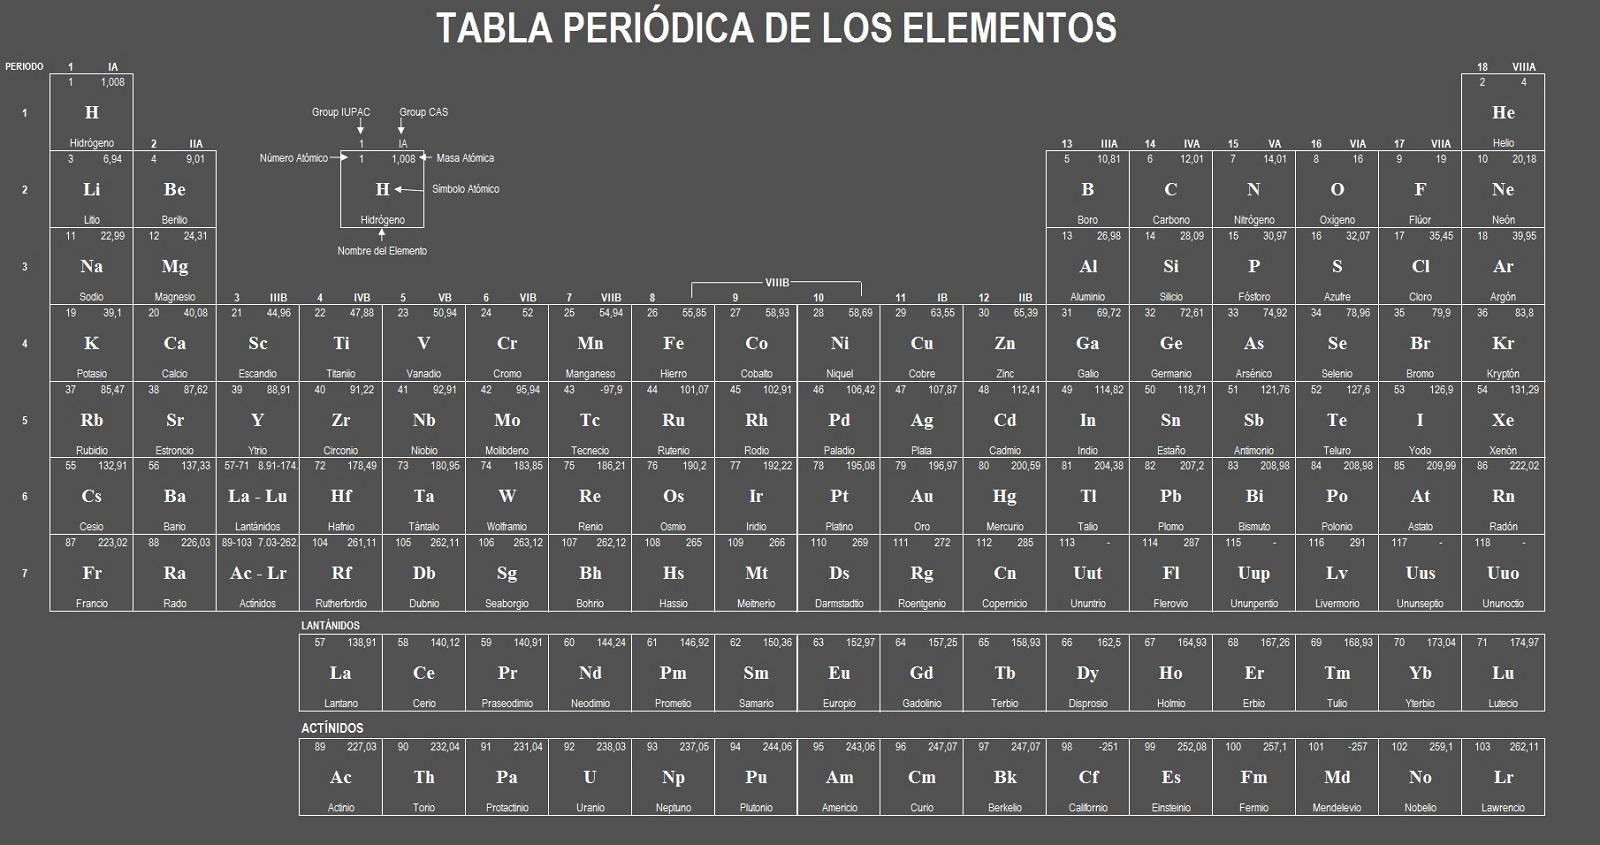 Qu es la tabla peridica de los elementos qu es la tabla peridica de los elementos urtaz Choice Image